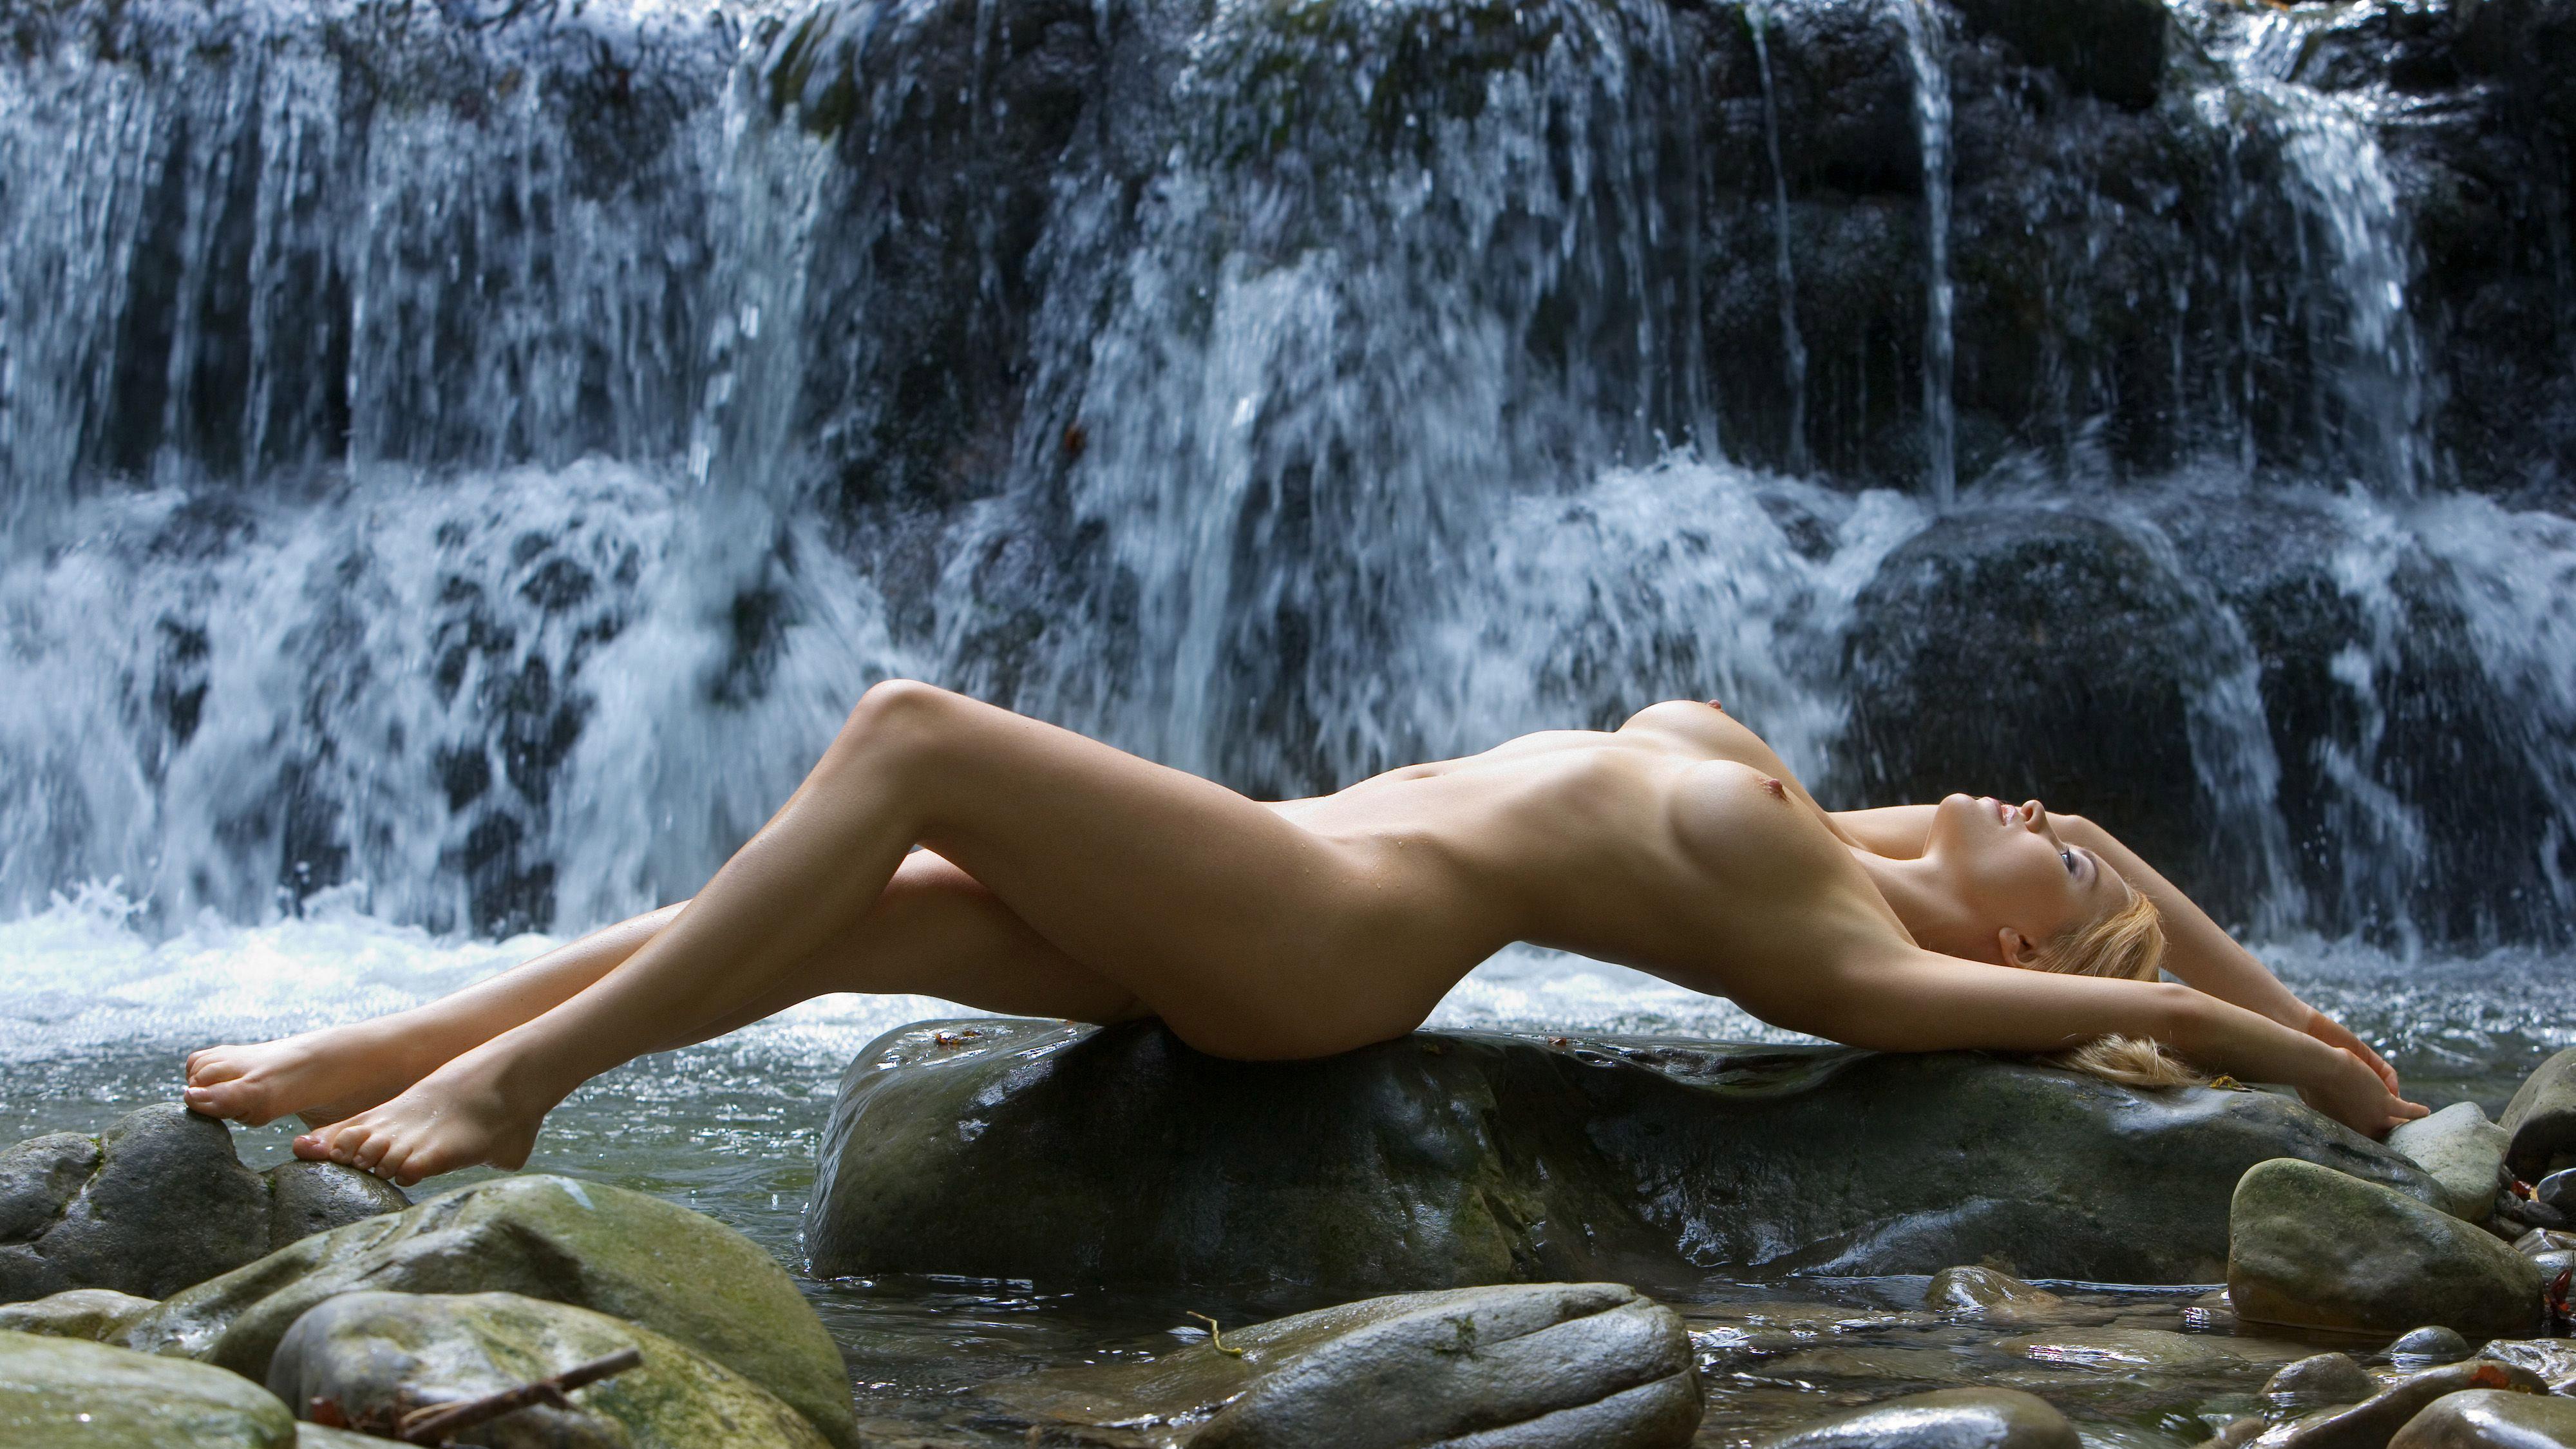 Эротическое фото жены на курорте найденные фото 19 фотография